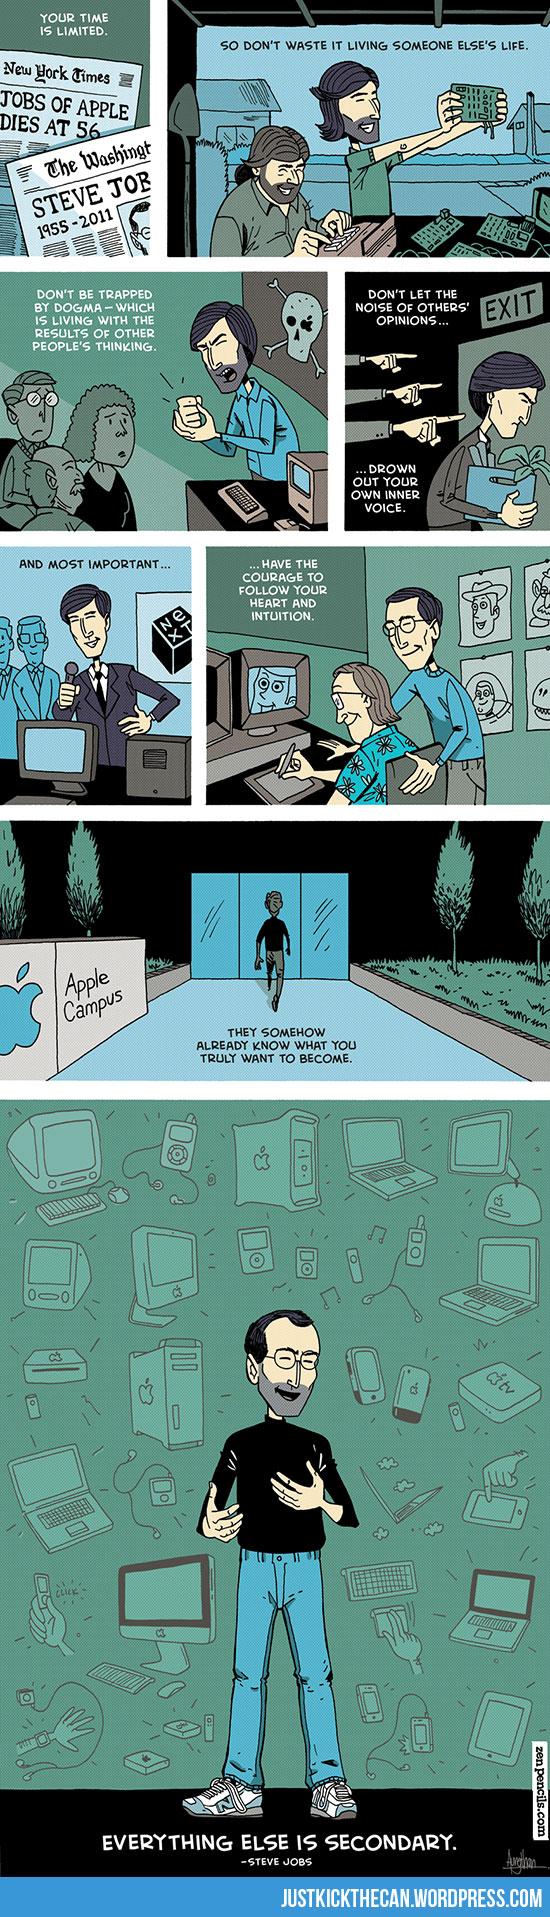 cool-Steve-Jobs-speech